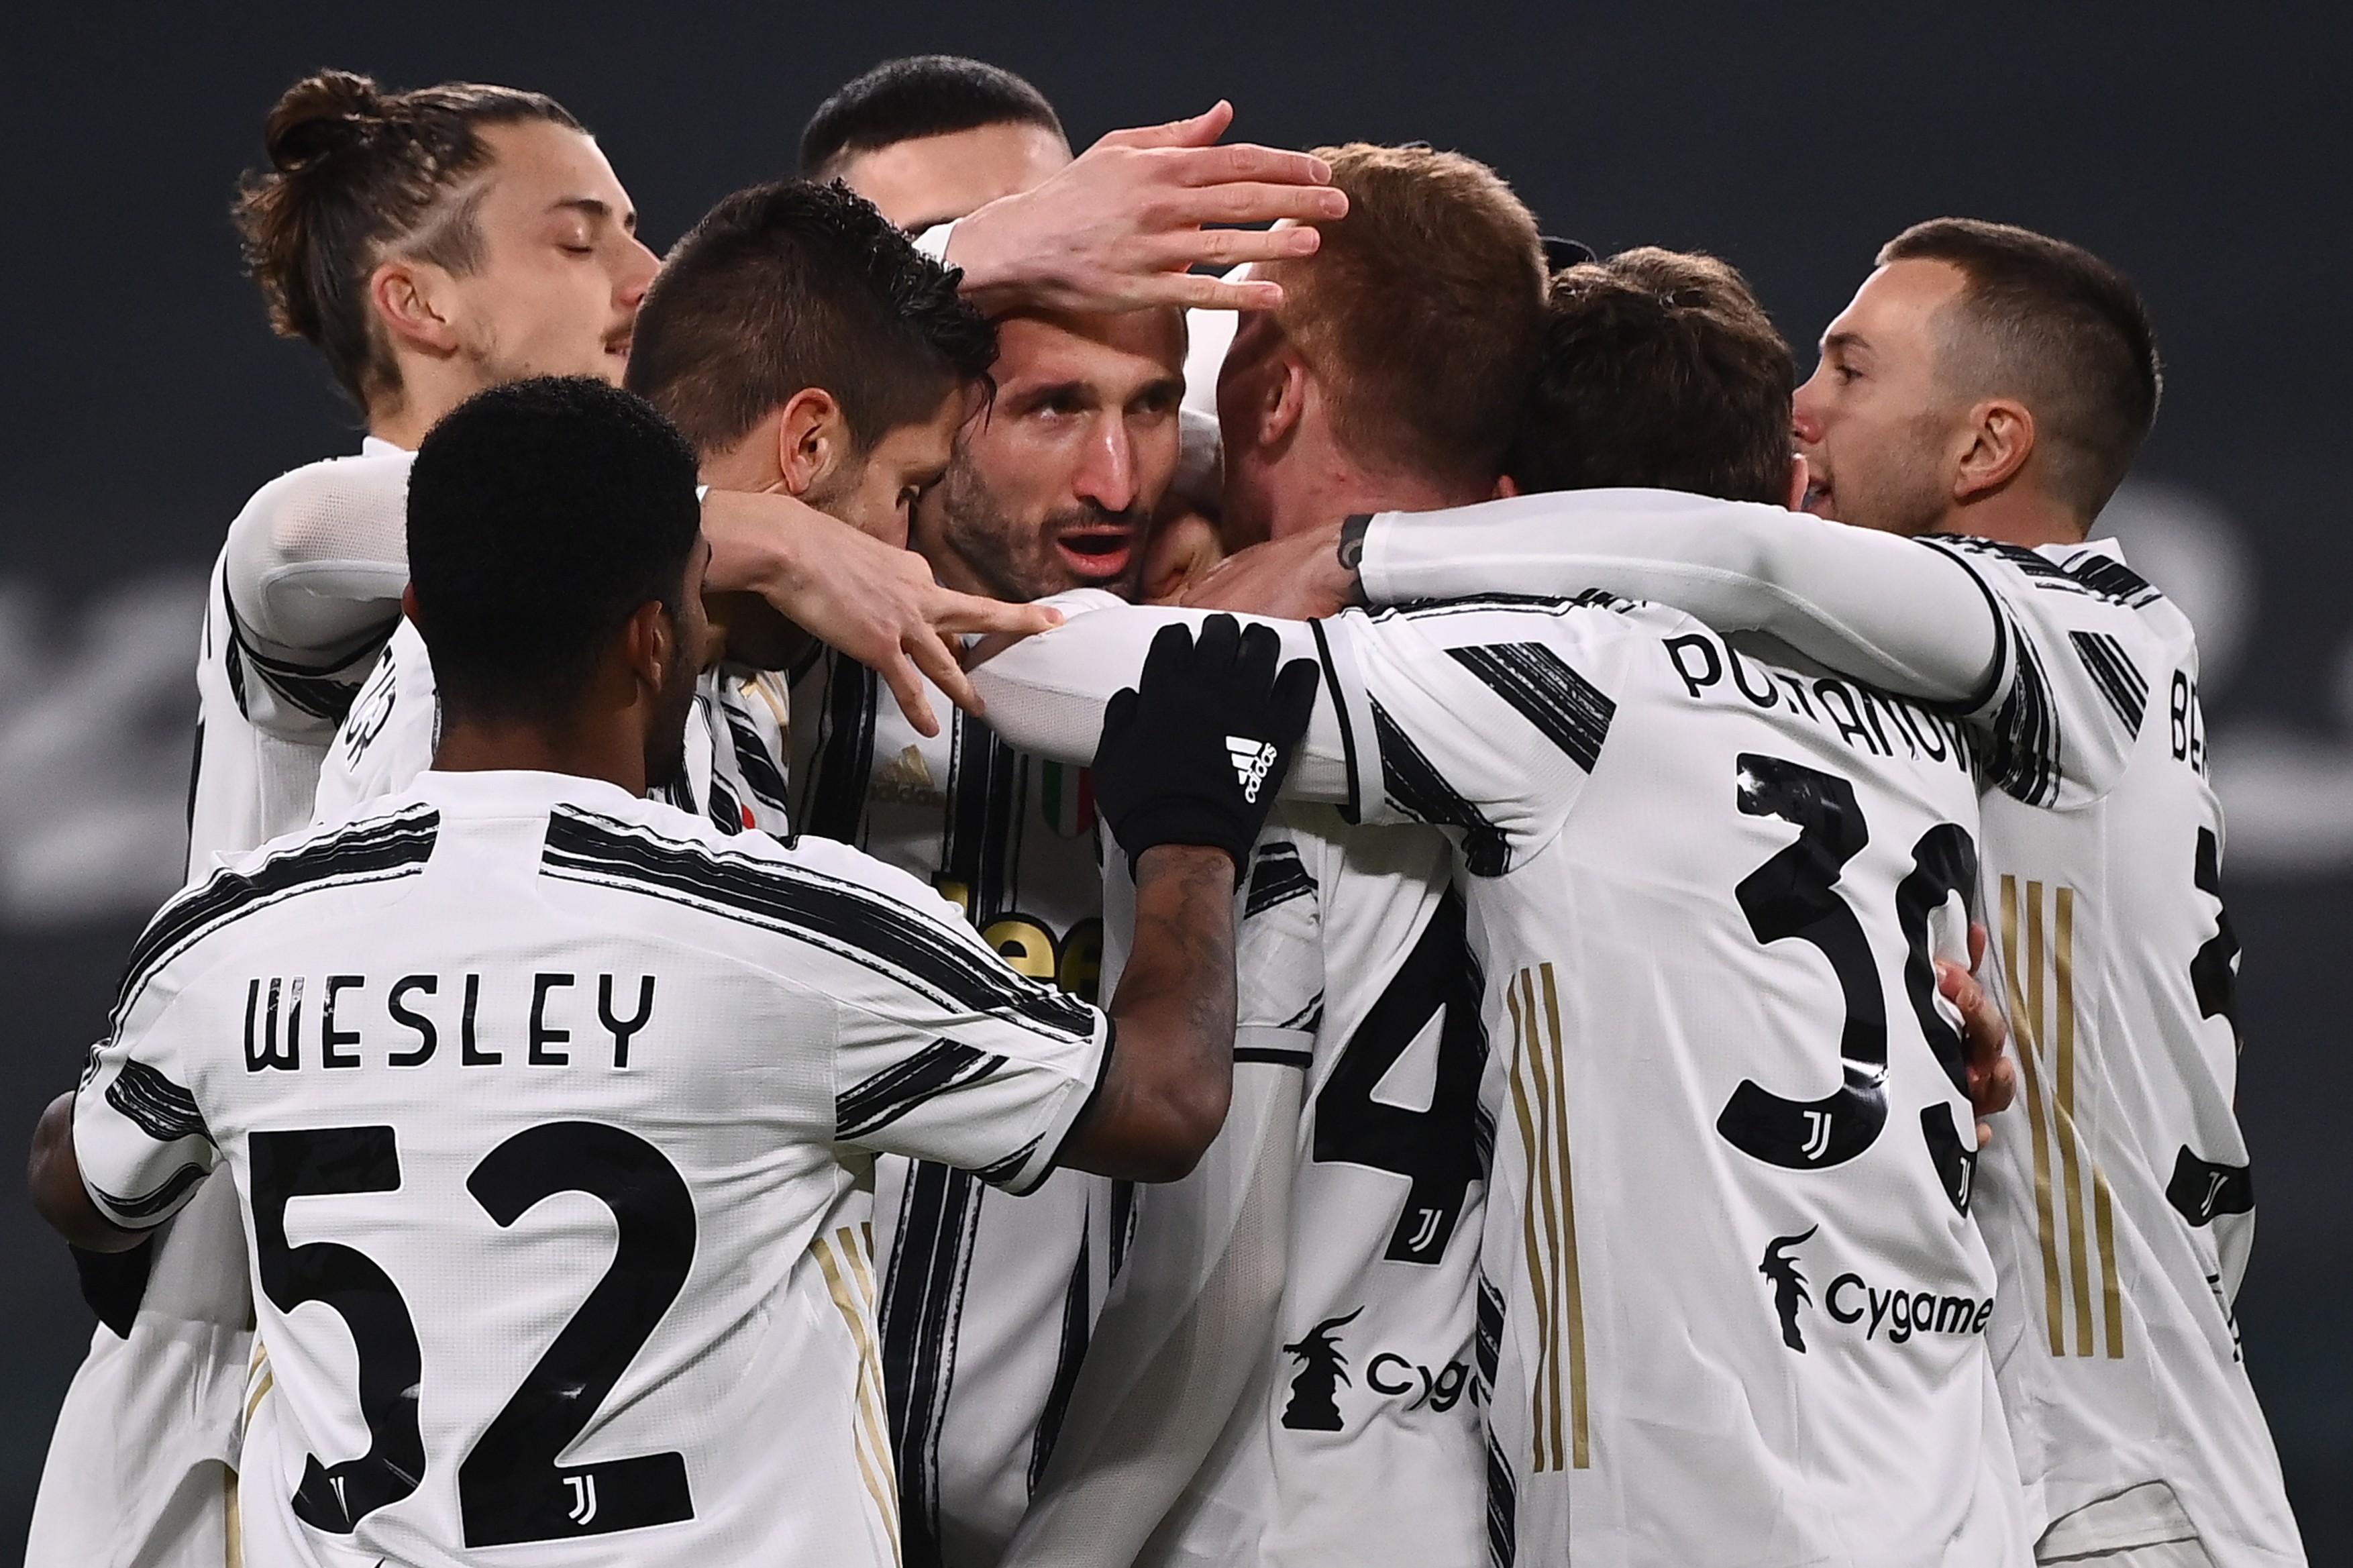 Juventus - Genoa 2-1, ACUM, în Cupa Italiei. Drăgușin, titular în premieră! Ronaldo, rezervă